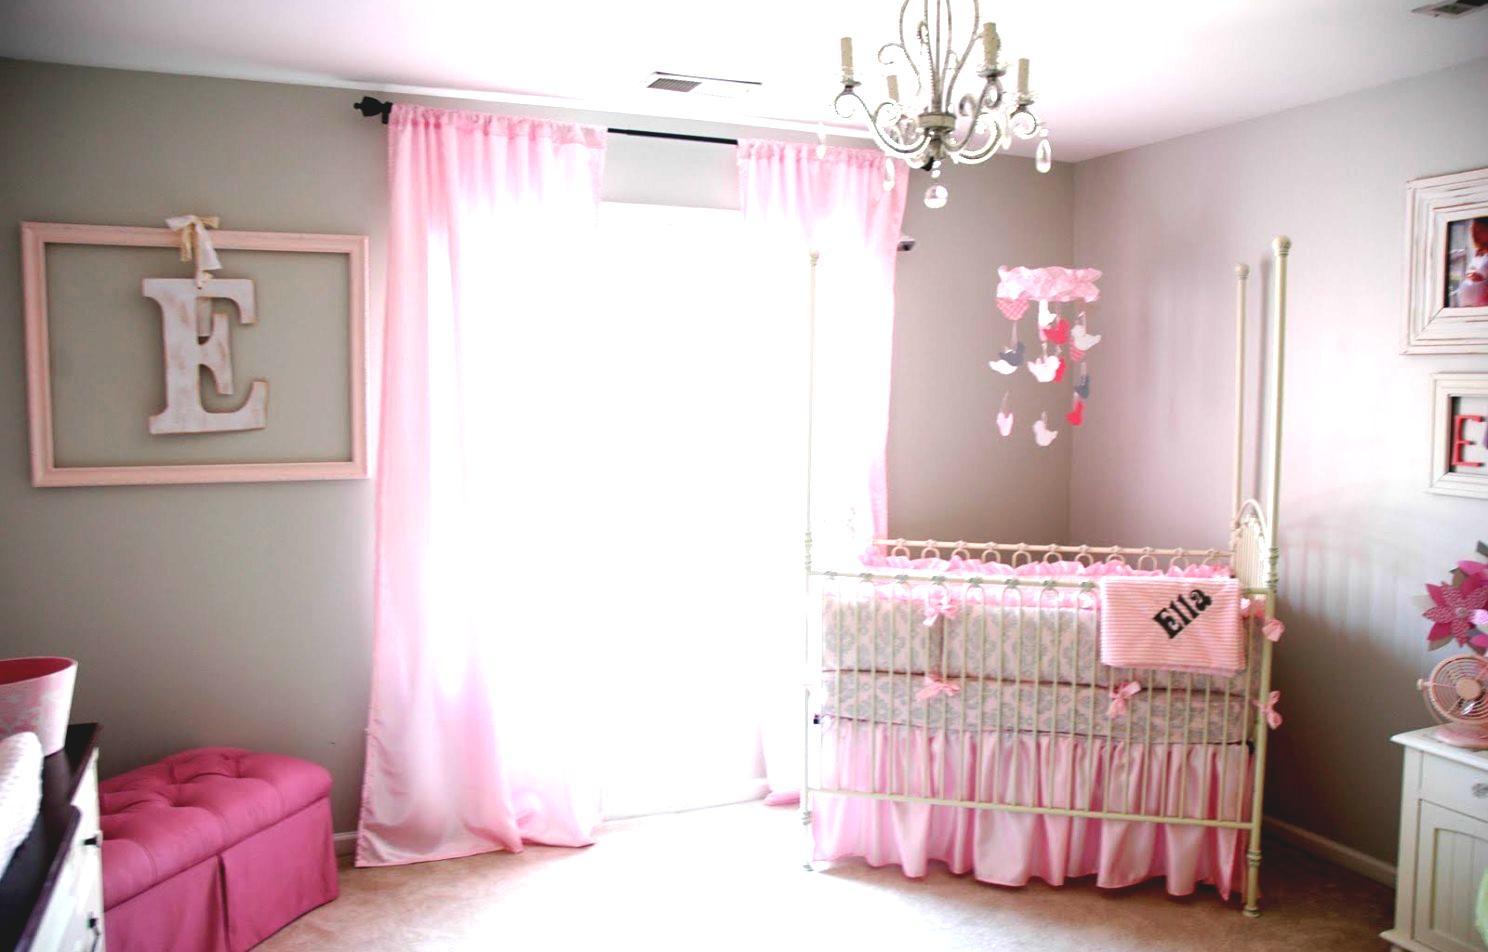 Babykamer inspiratie foto 39 s - Room muur van de baby ...